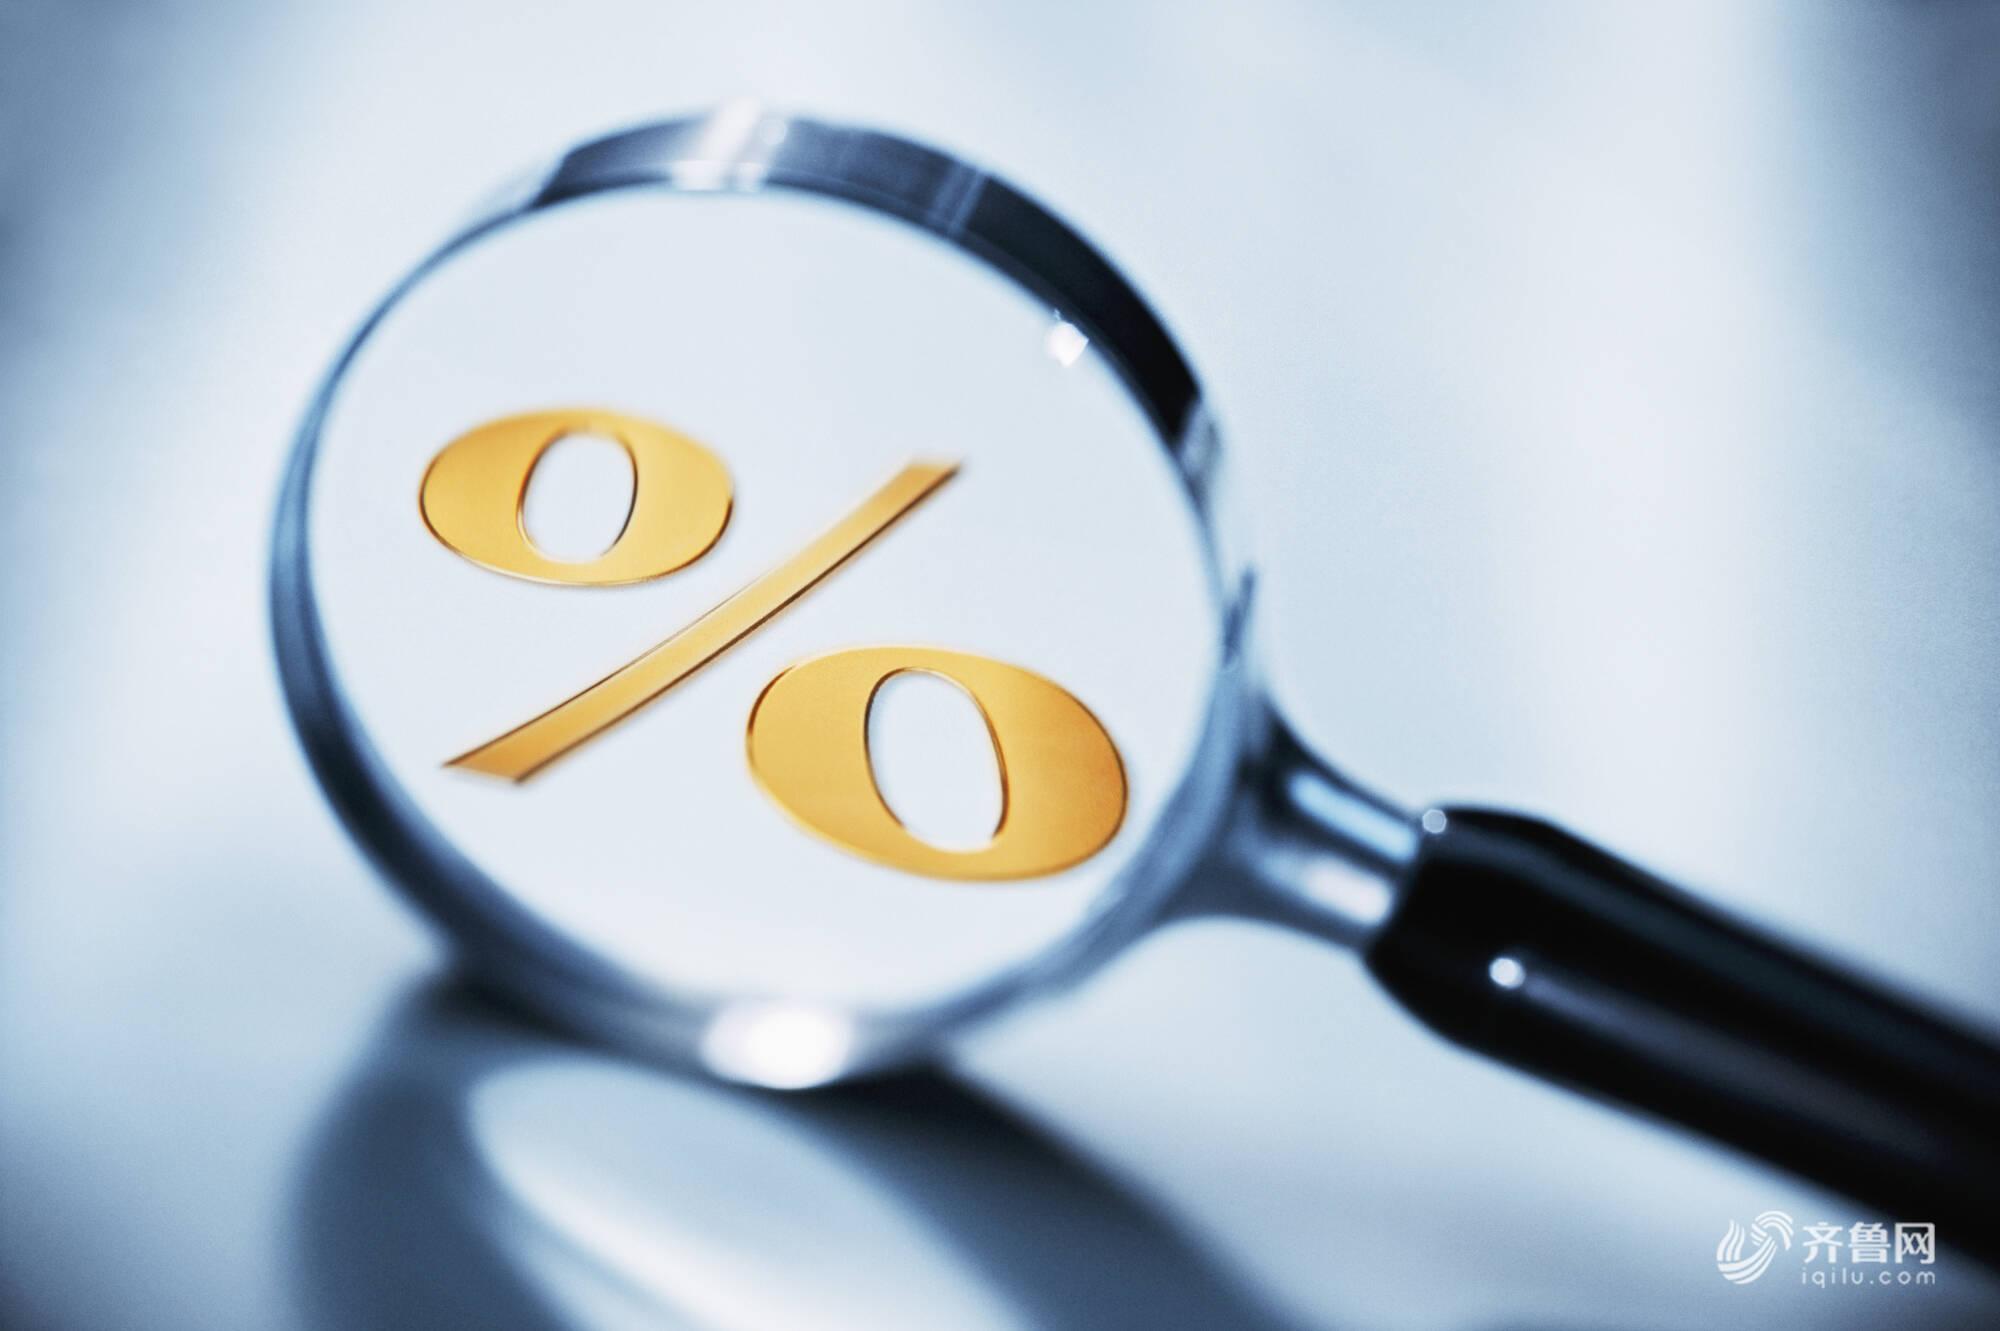 年底前全部發放到位!山東居民基本養老保險基礎養老金最低標準每人每月再提高24元